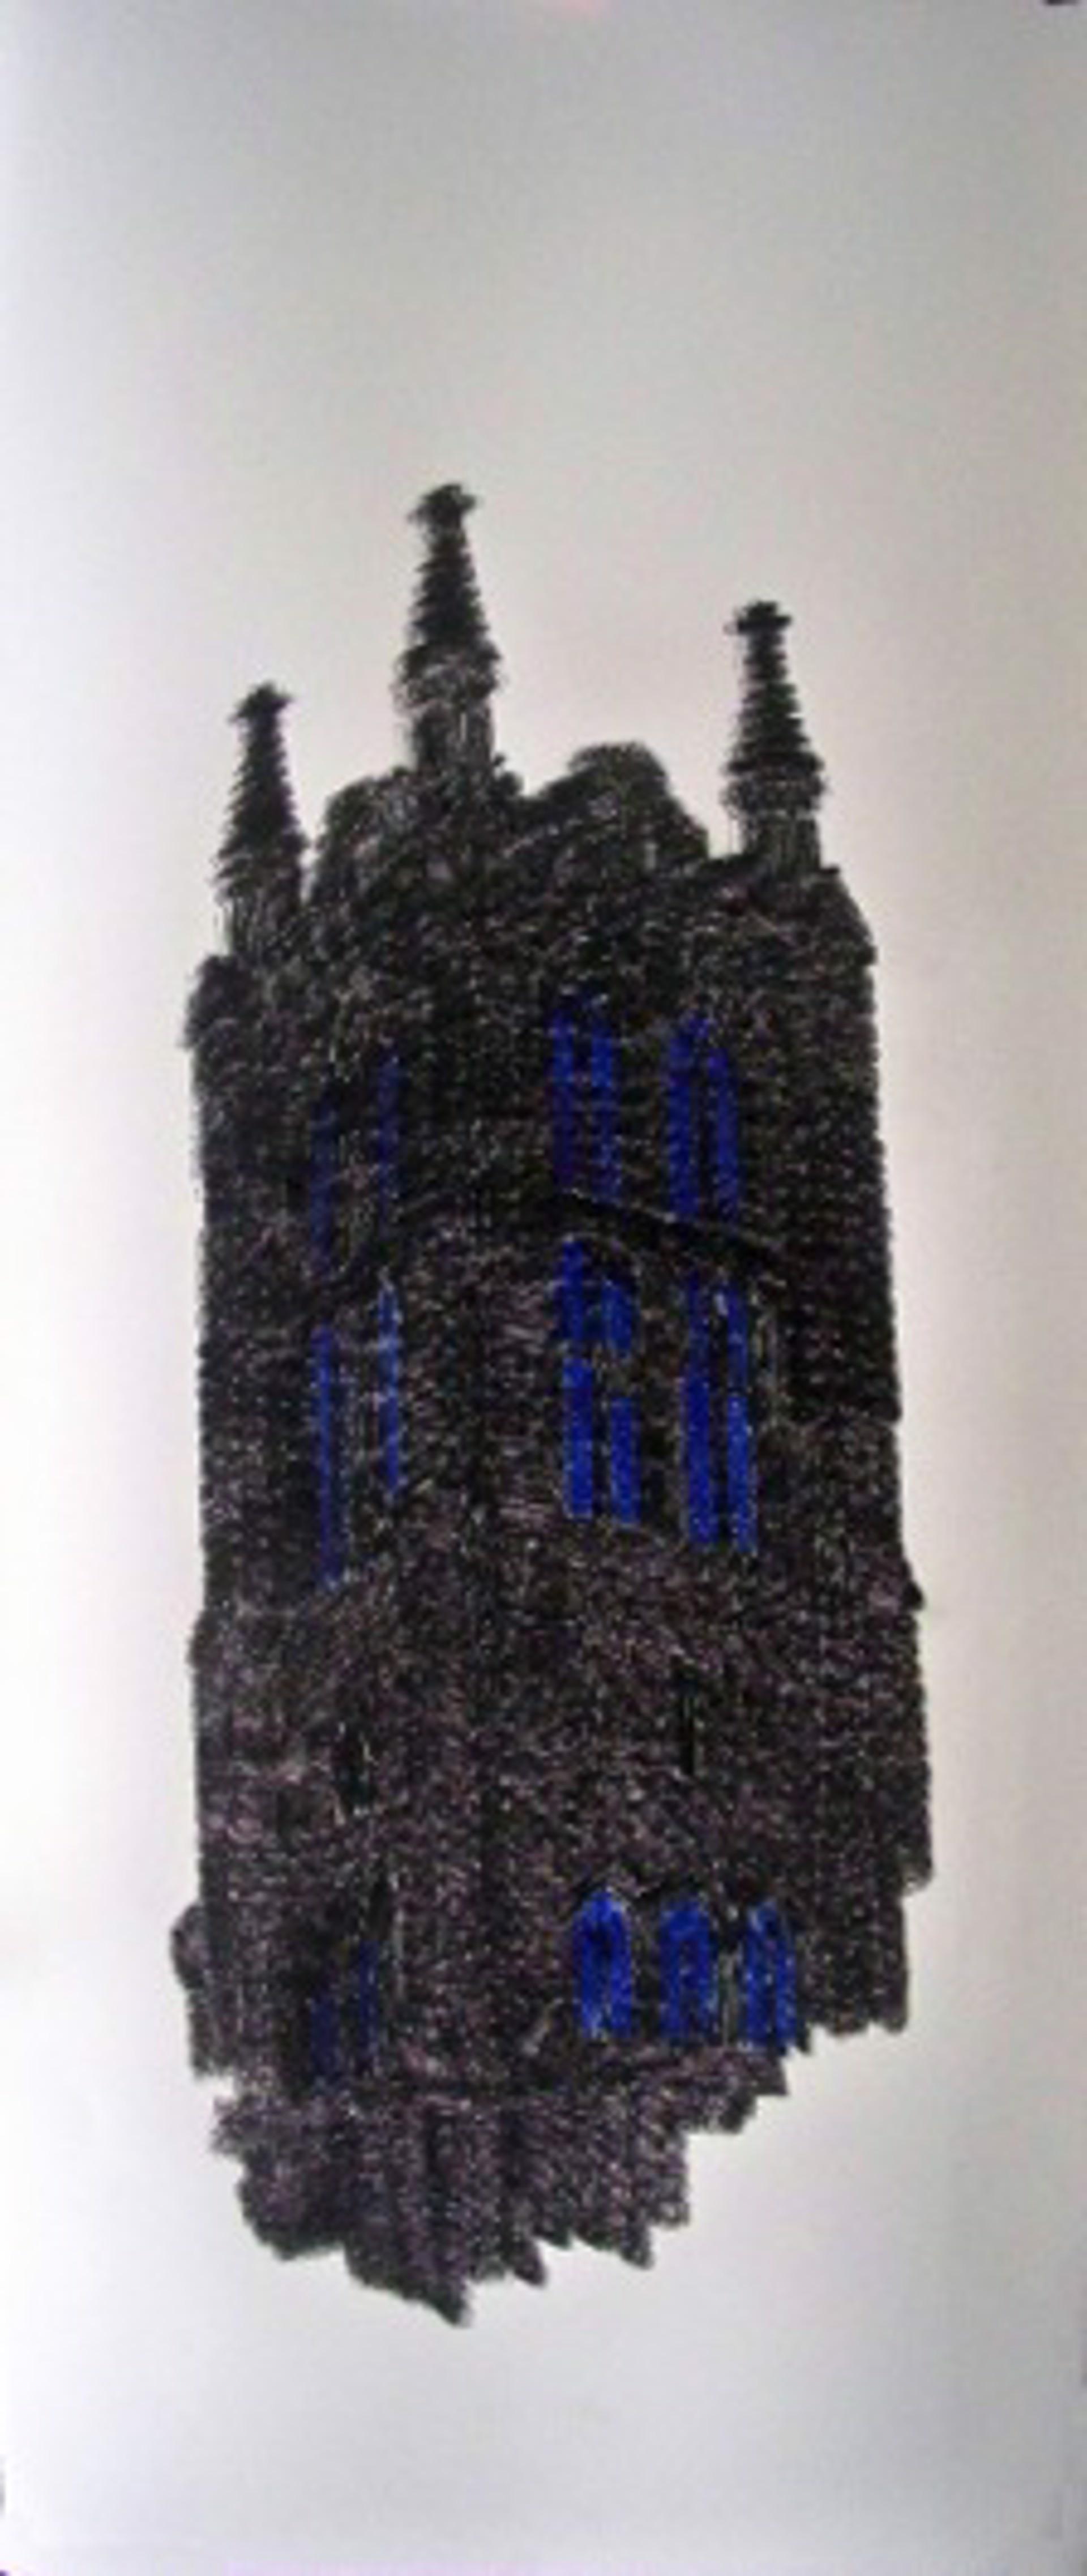 54,133 (Building II) by John Adelman